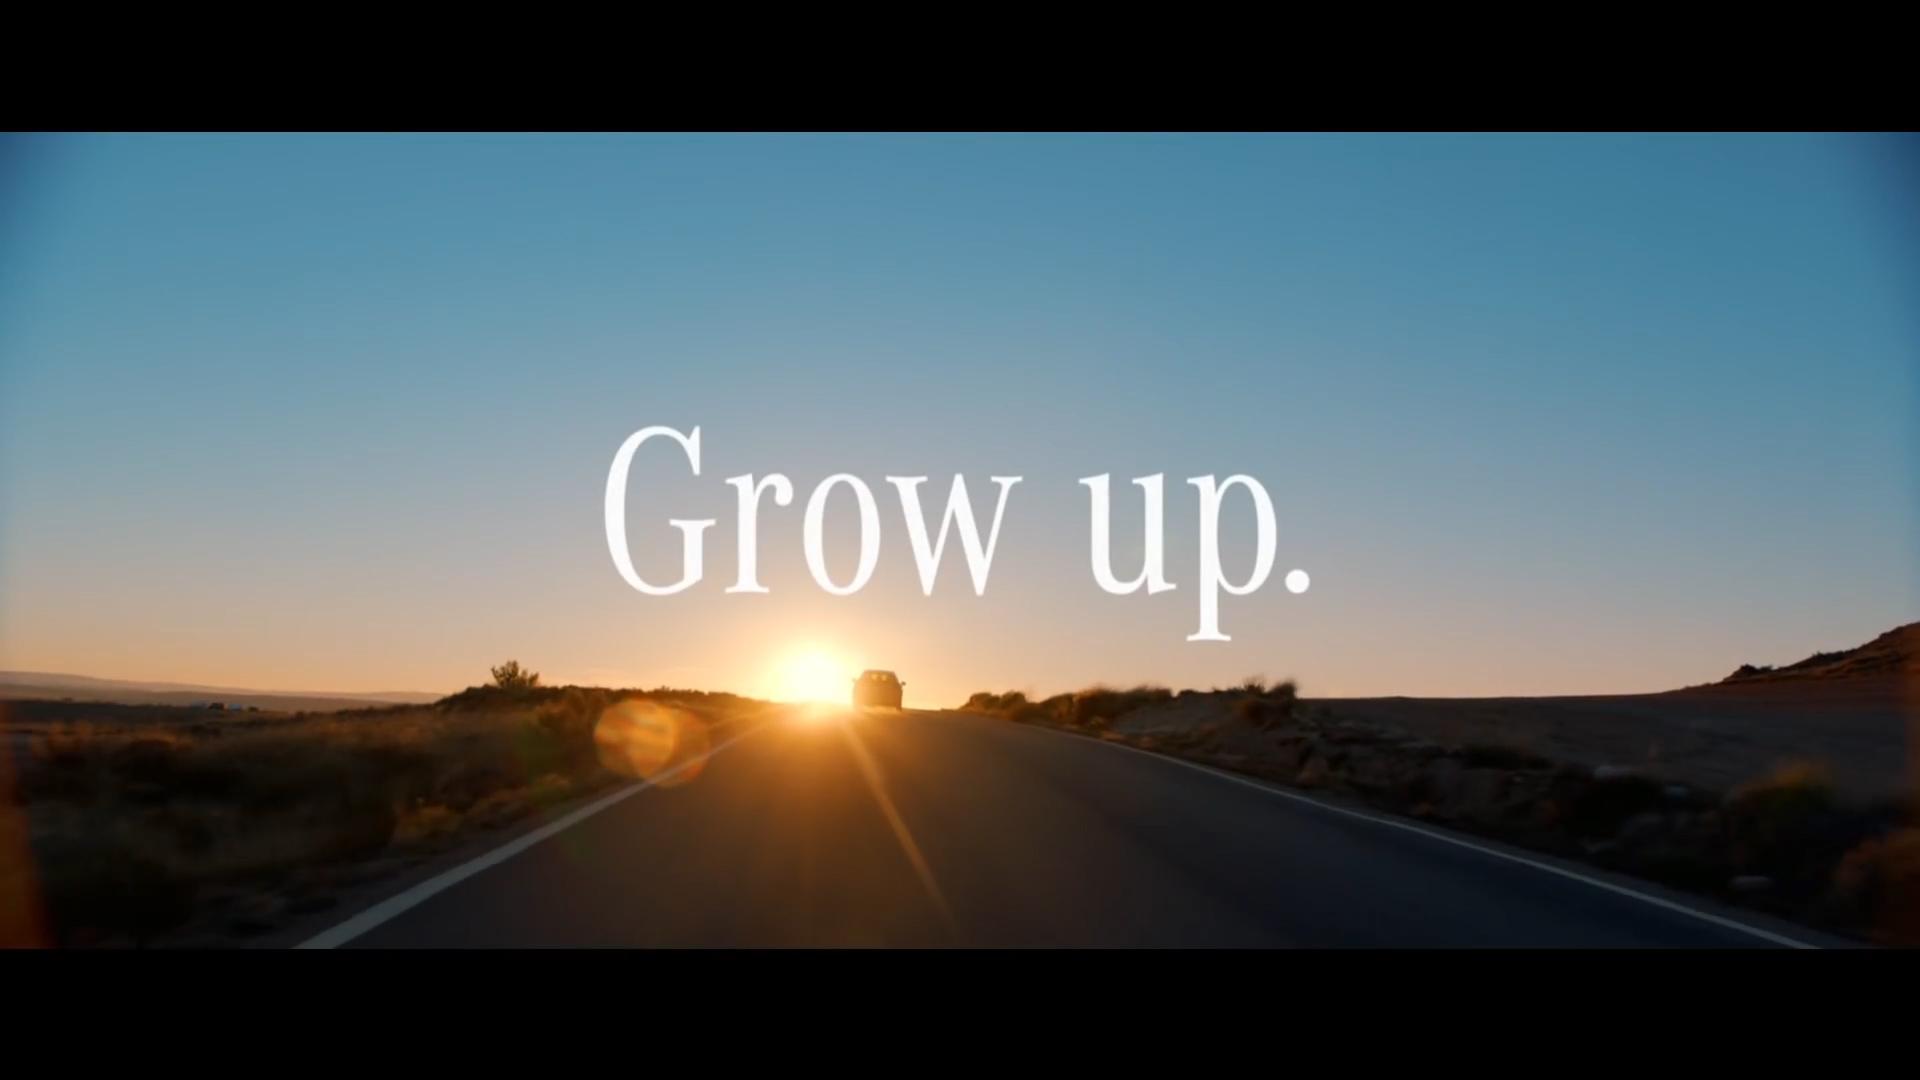 Grow up - Mercedes-Benz